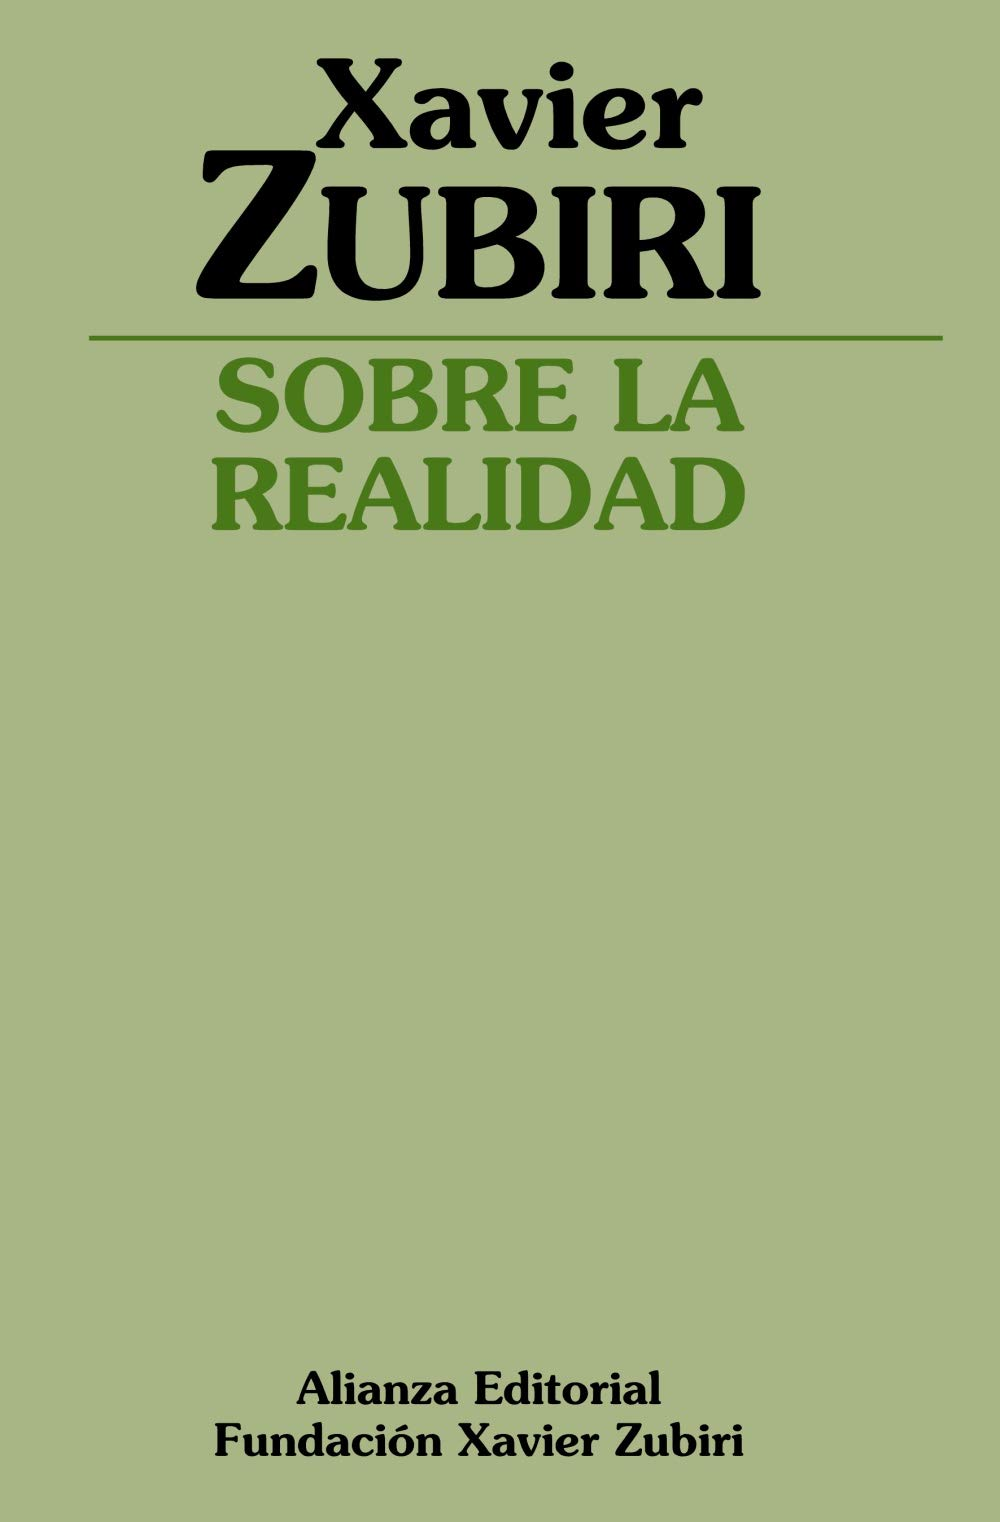 Sobre la realidad (Obras De Xavier Zubiri): Amazon.es: Xavier Zubiri Apalategui: Libros